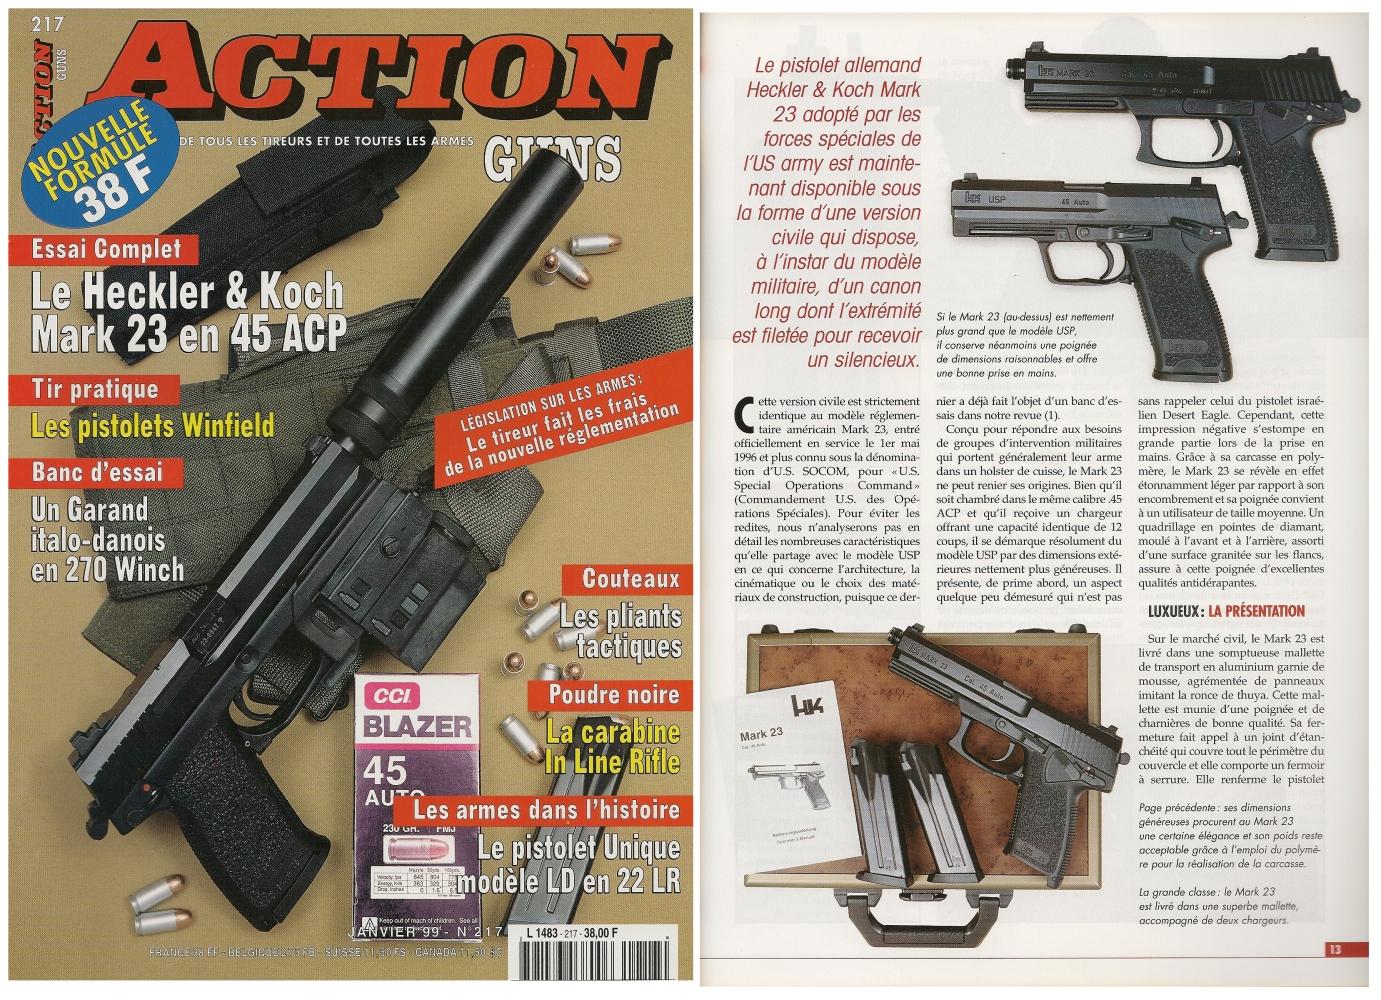 Le banc d'essai du pistolet HK Mark 23 SOCOM a été publié sur 7 pages dans le magazine Action Guns n° 217 (janvier 1999).